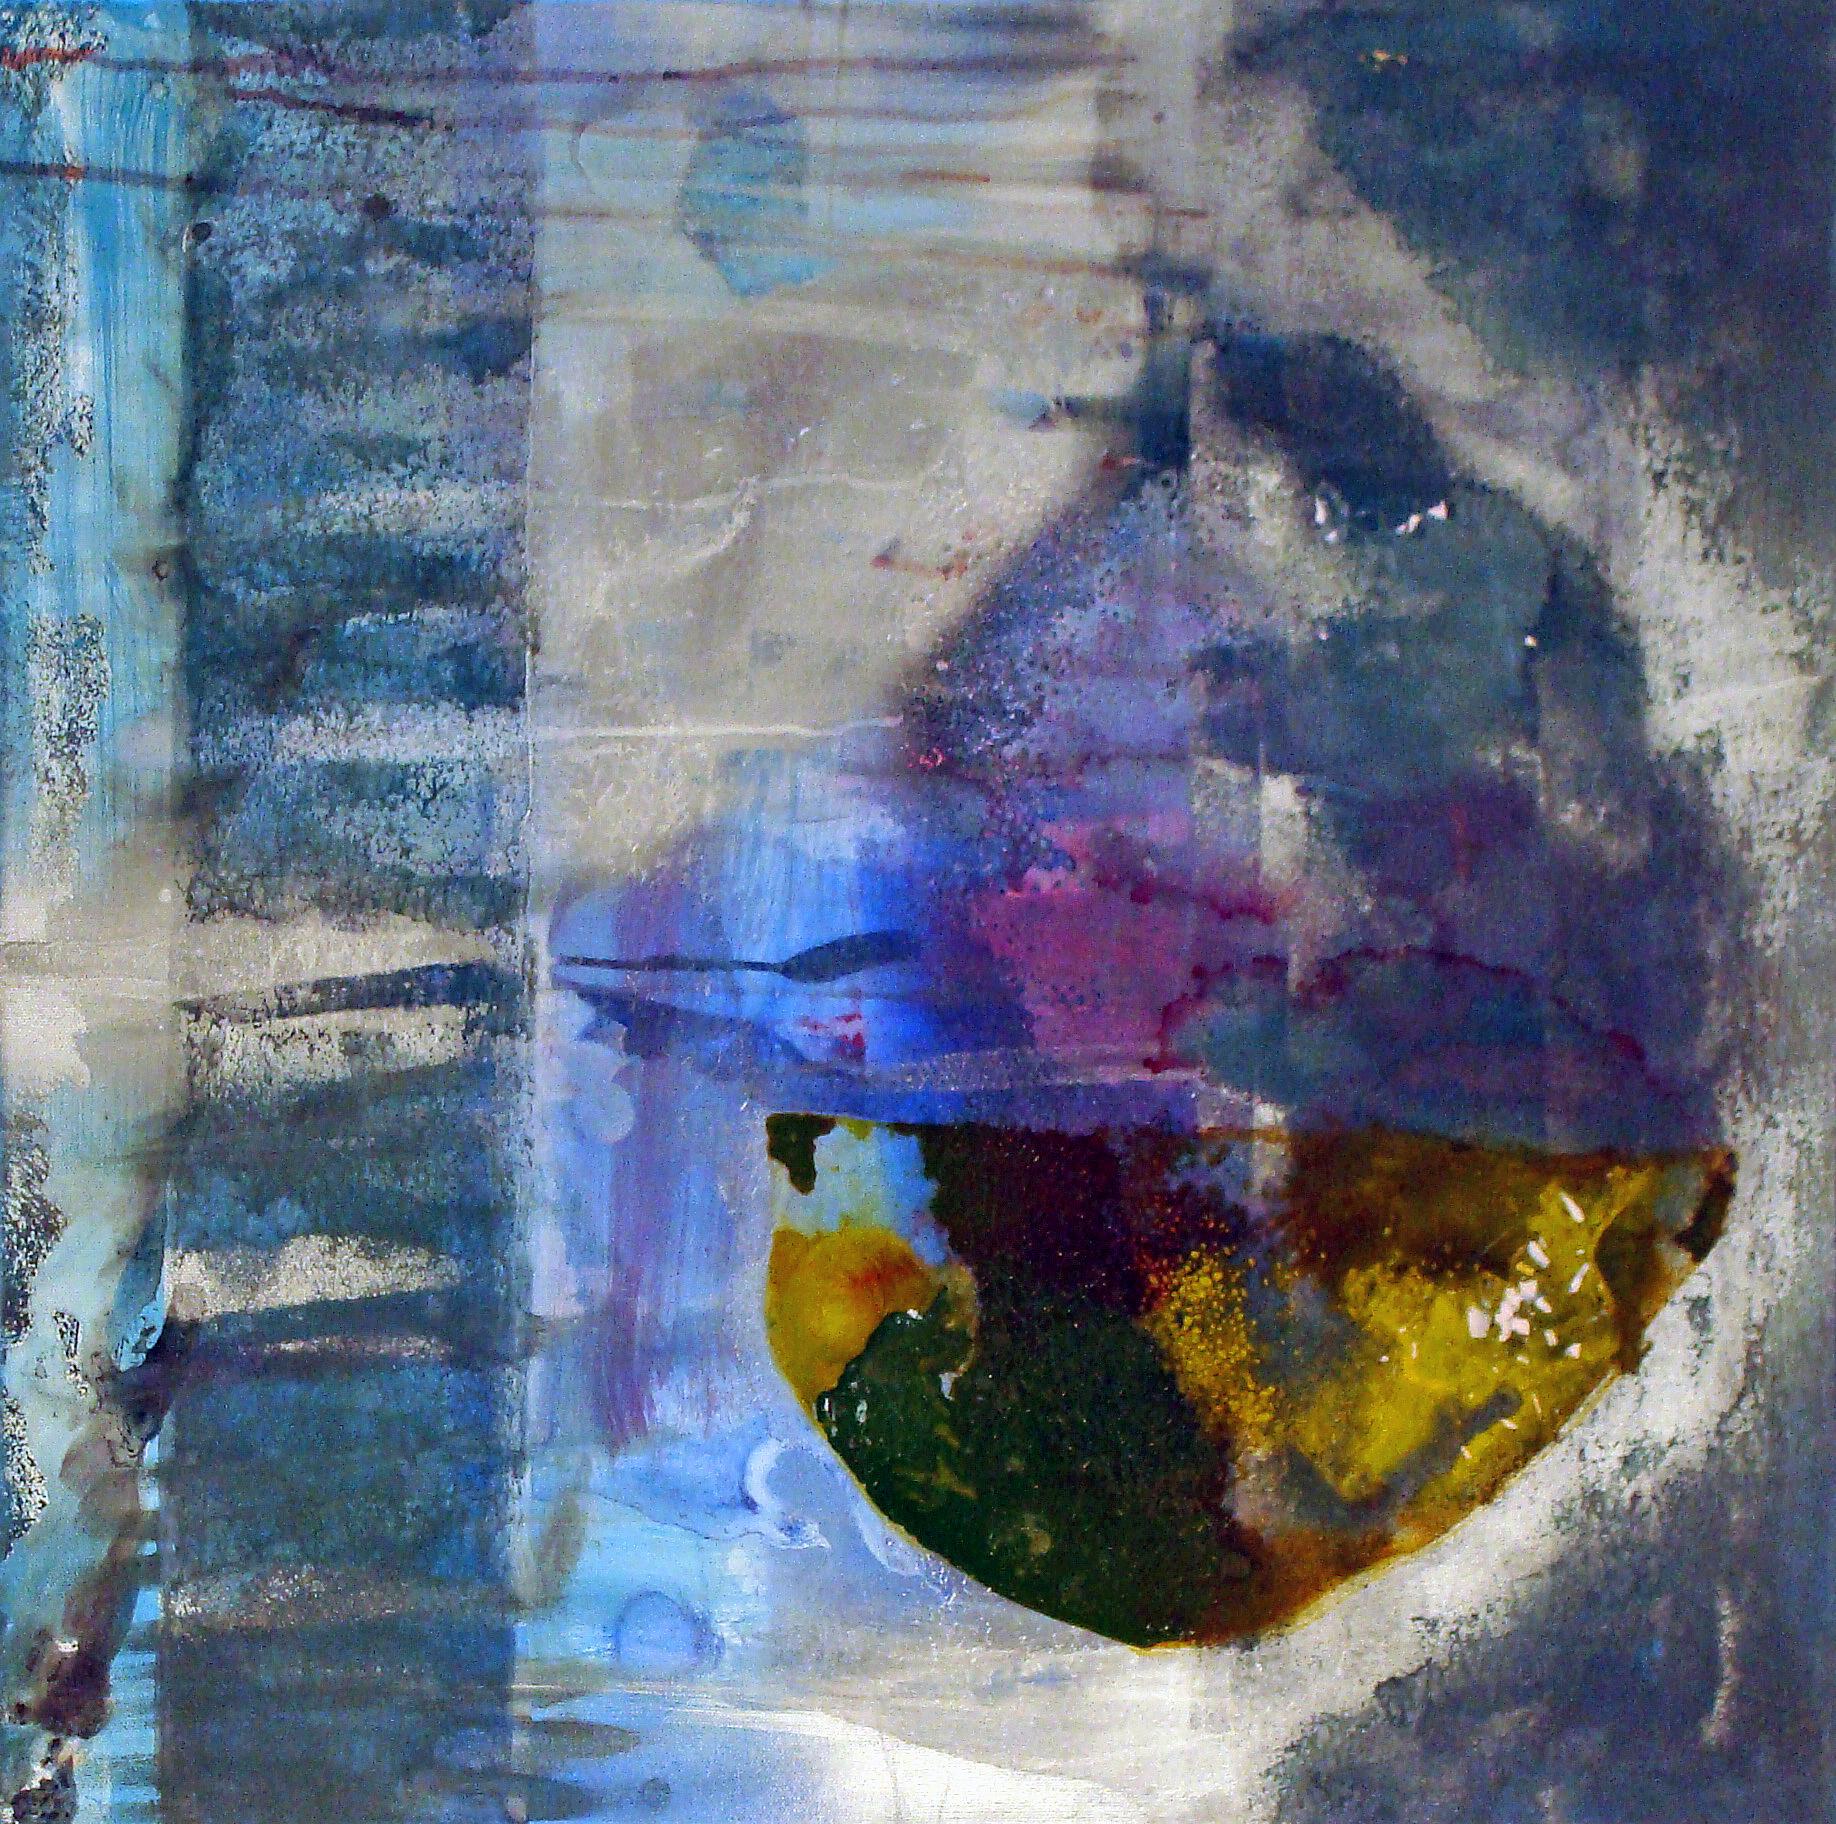 Ohne Titel, 2012, Zeichentusche/Lack auf Leinwand, 60 x 60 cm, € 308,10 (€ 390.-)